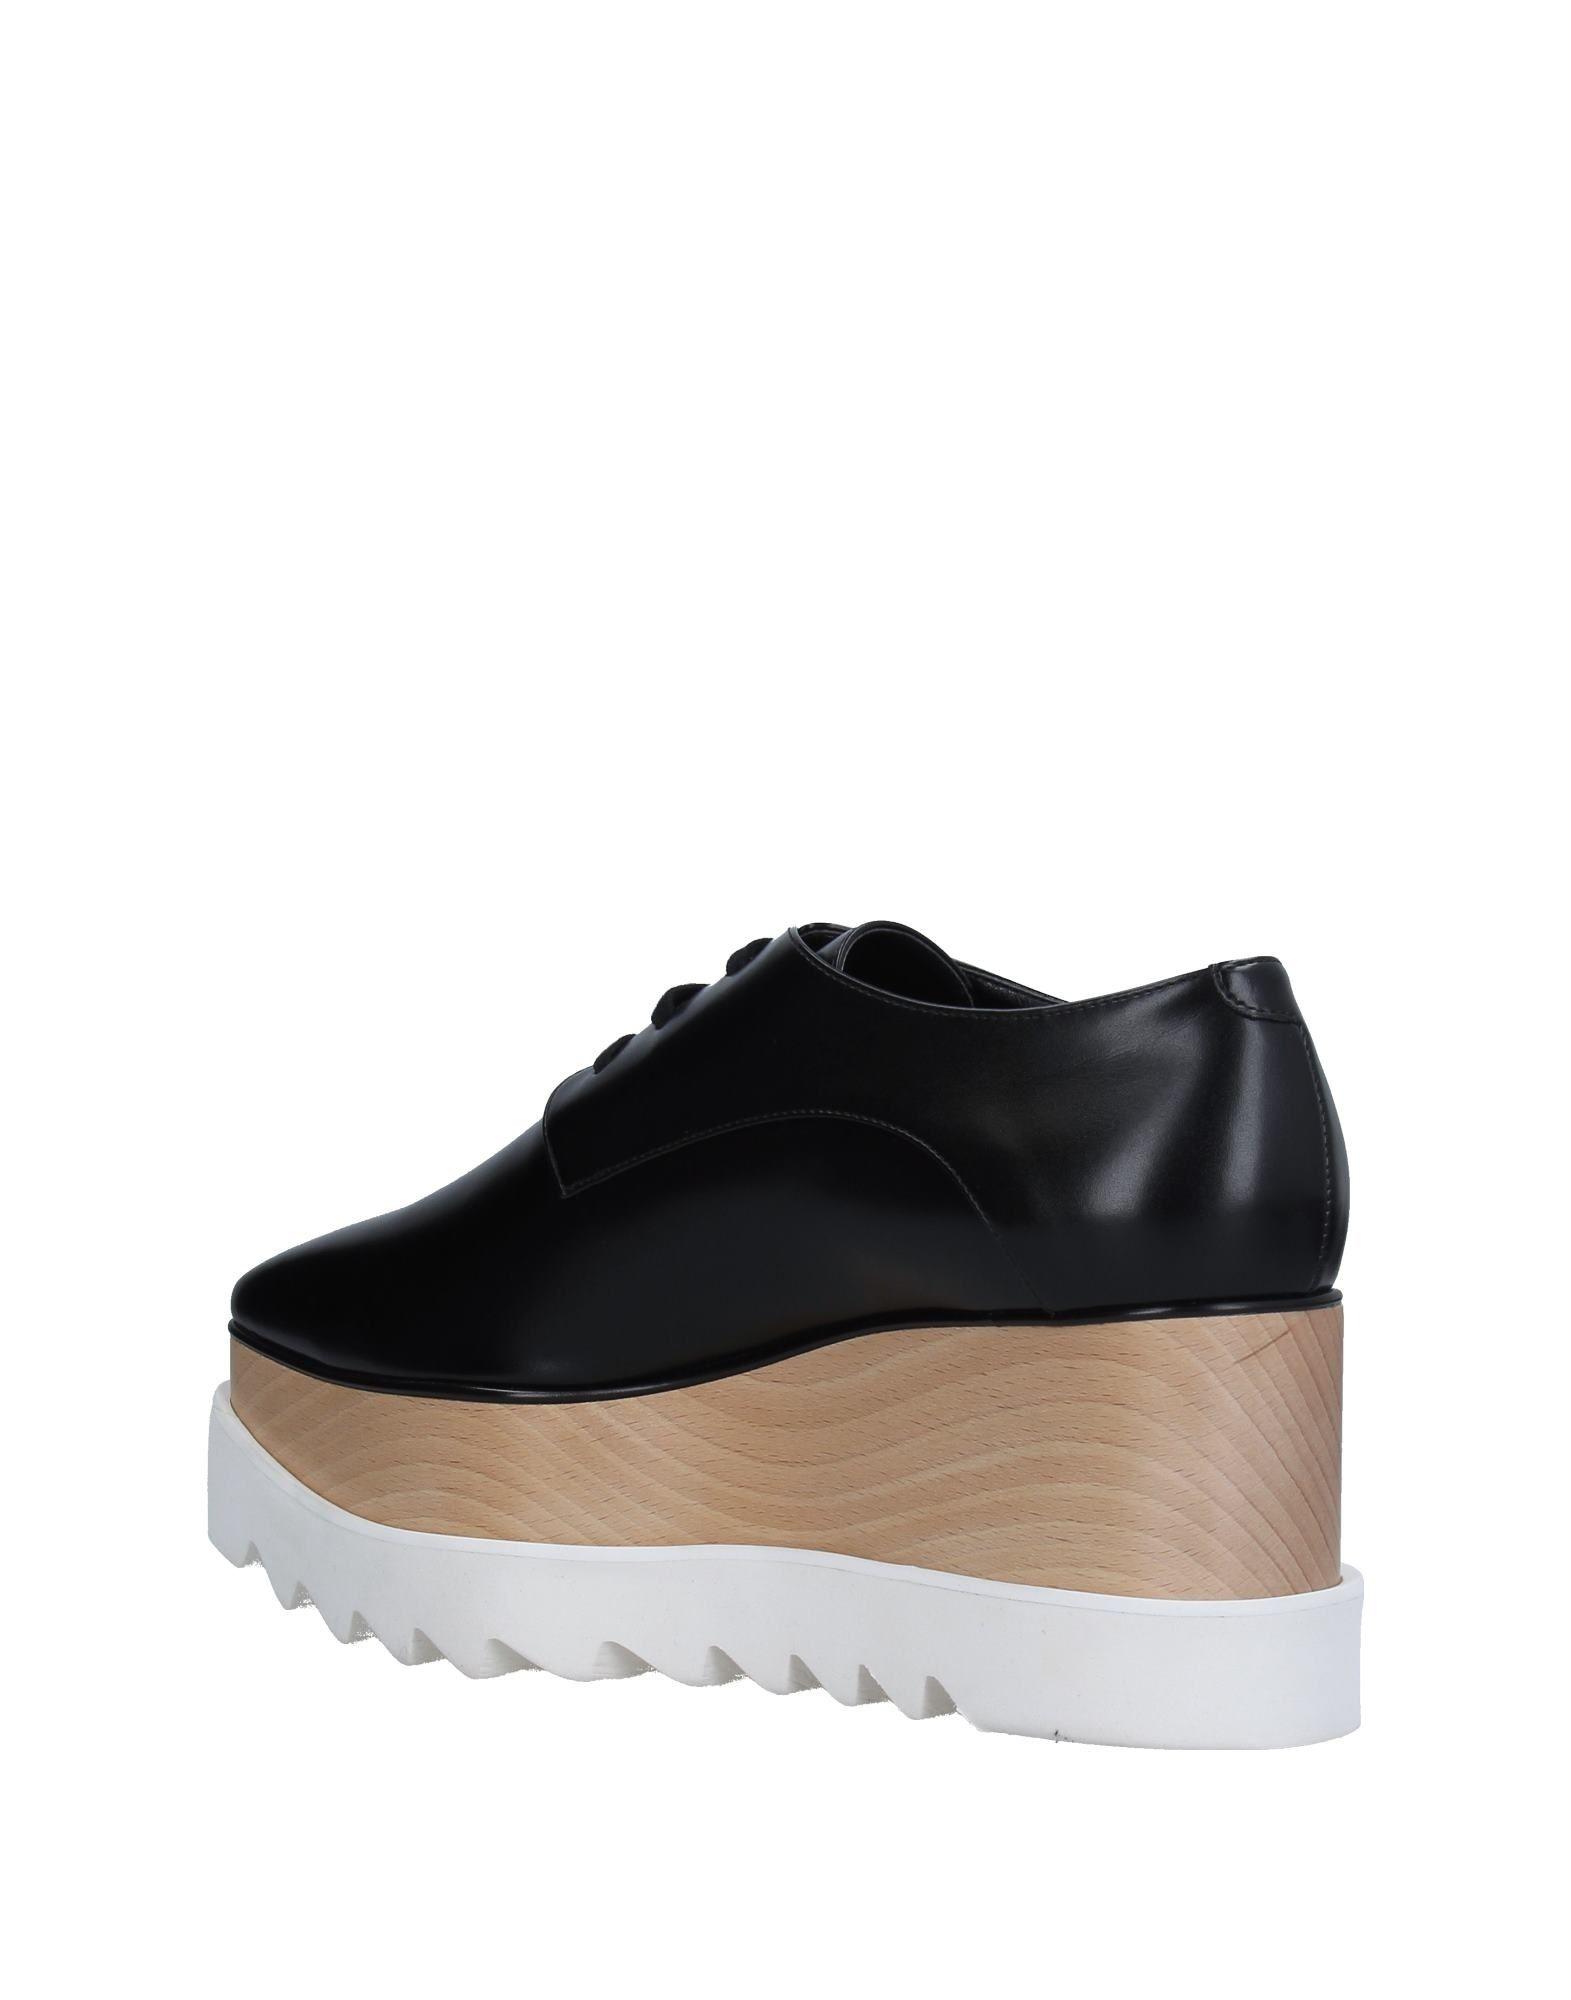 Stella Mccartney Schnürschuhe Damen Neue  11214704GE Neue Damen Schuhe aaa270